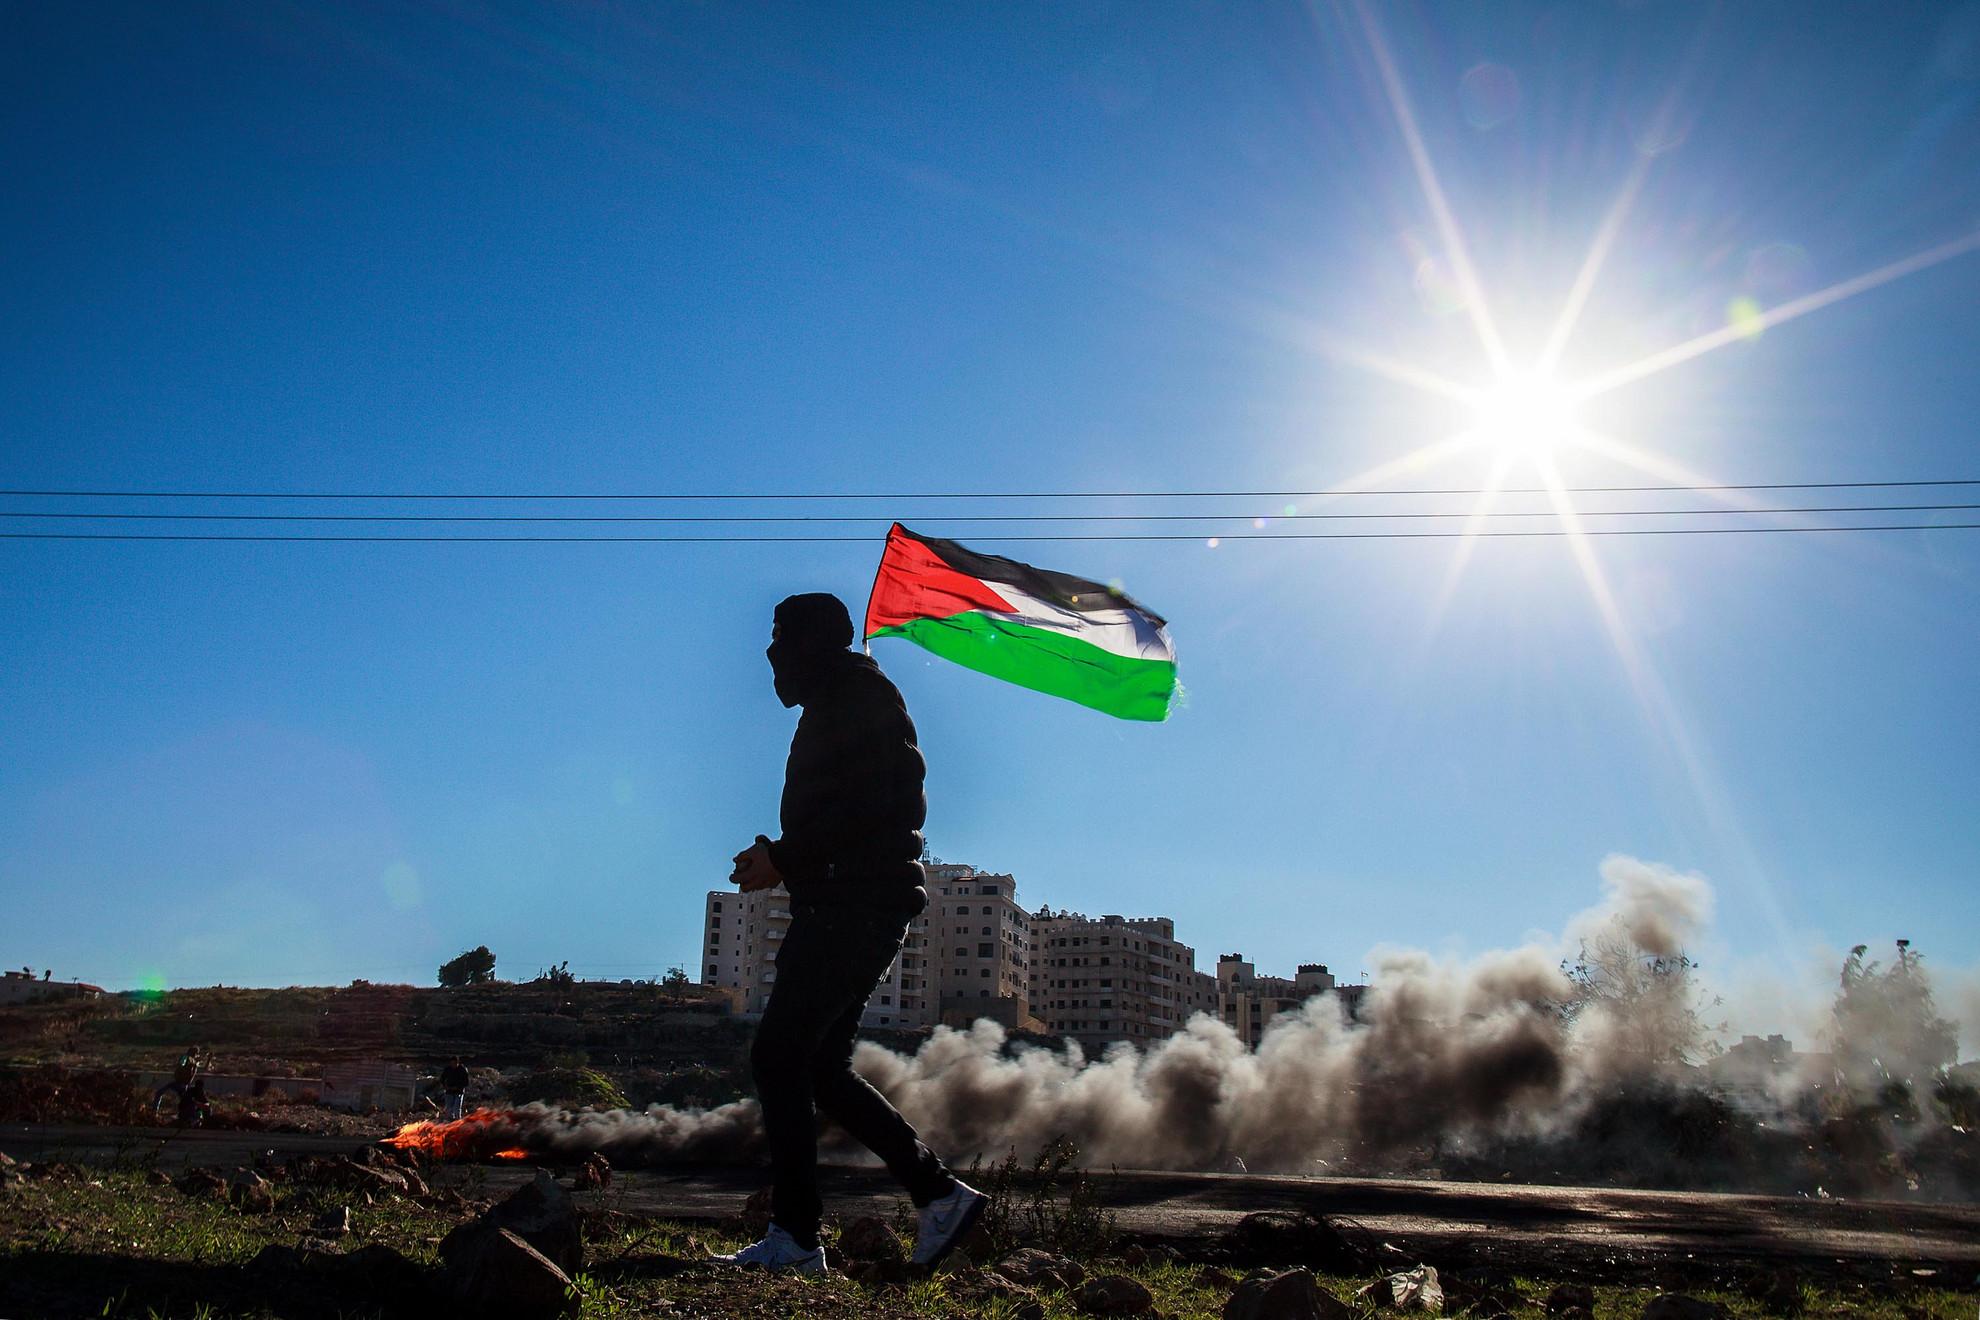 2015 szeptemberében újra fellángolt az izraeli-palesztin szembenállás